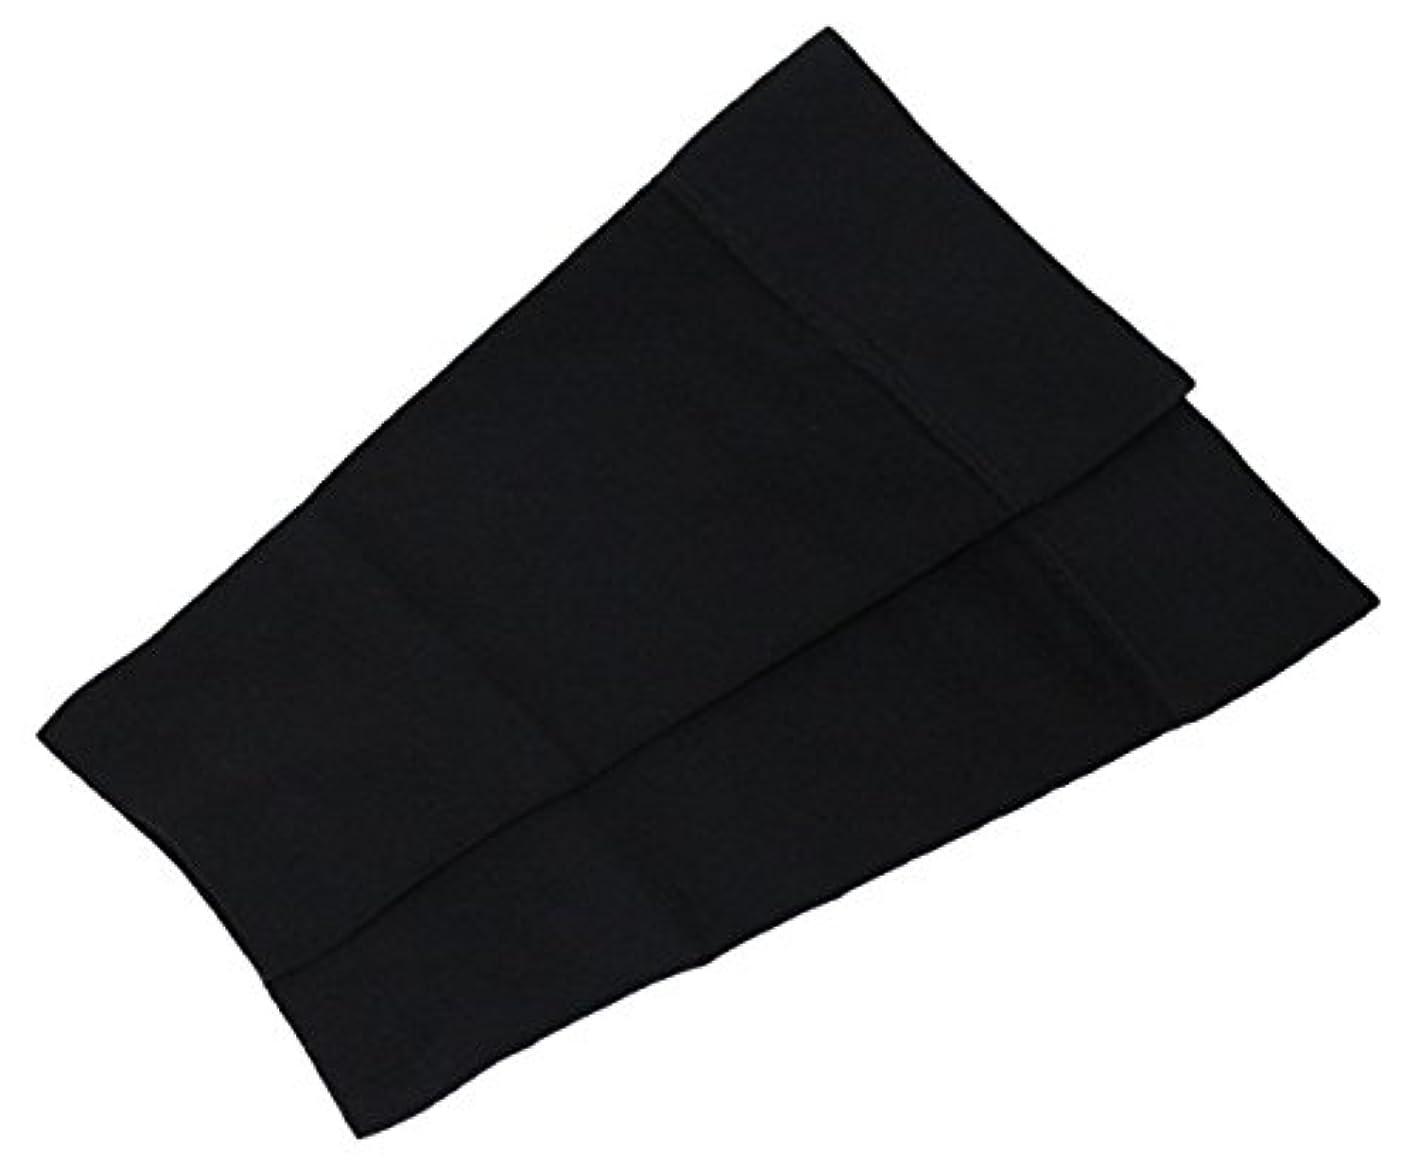 フランクワースリー首尾一貫したセメントギロファ?ふくらはぎサポーター?メモリー02 ブラック Lサイズ